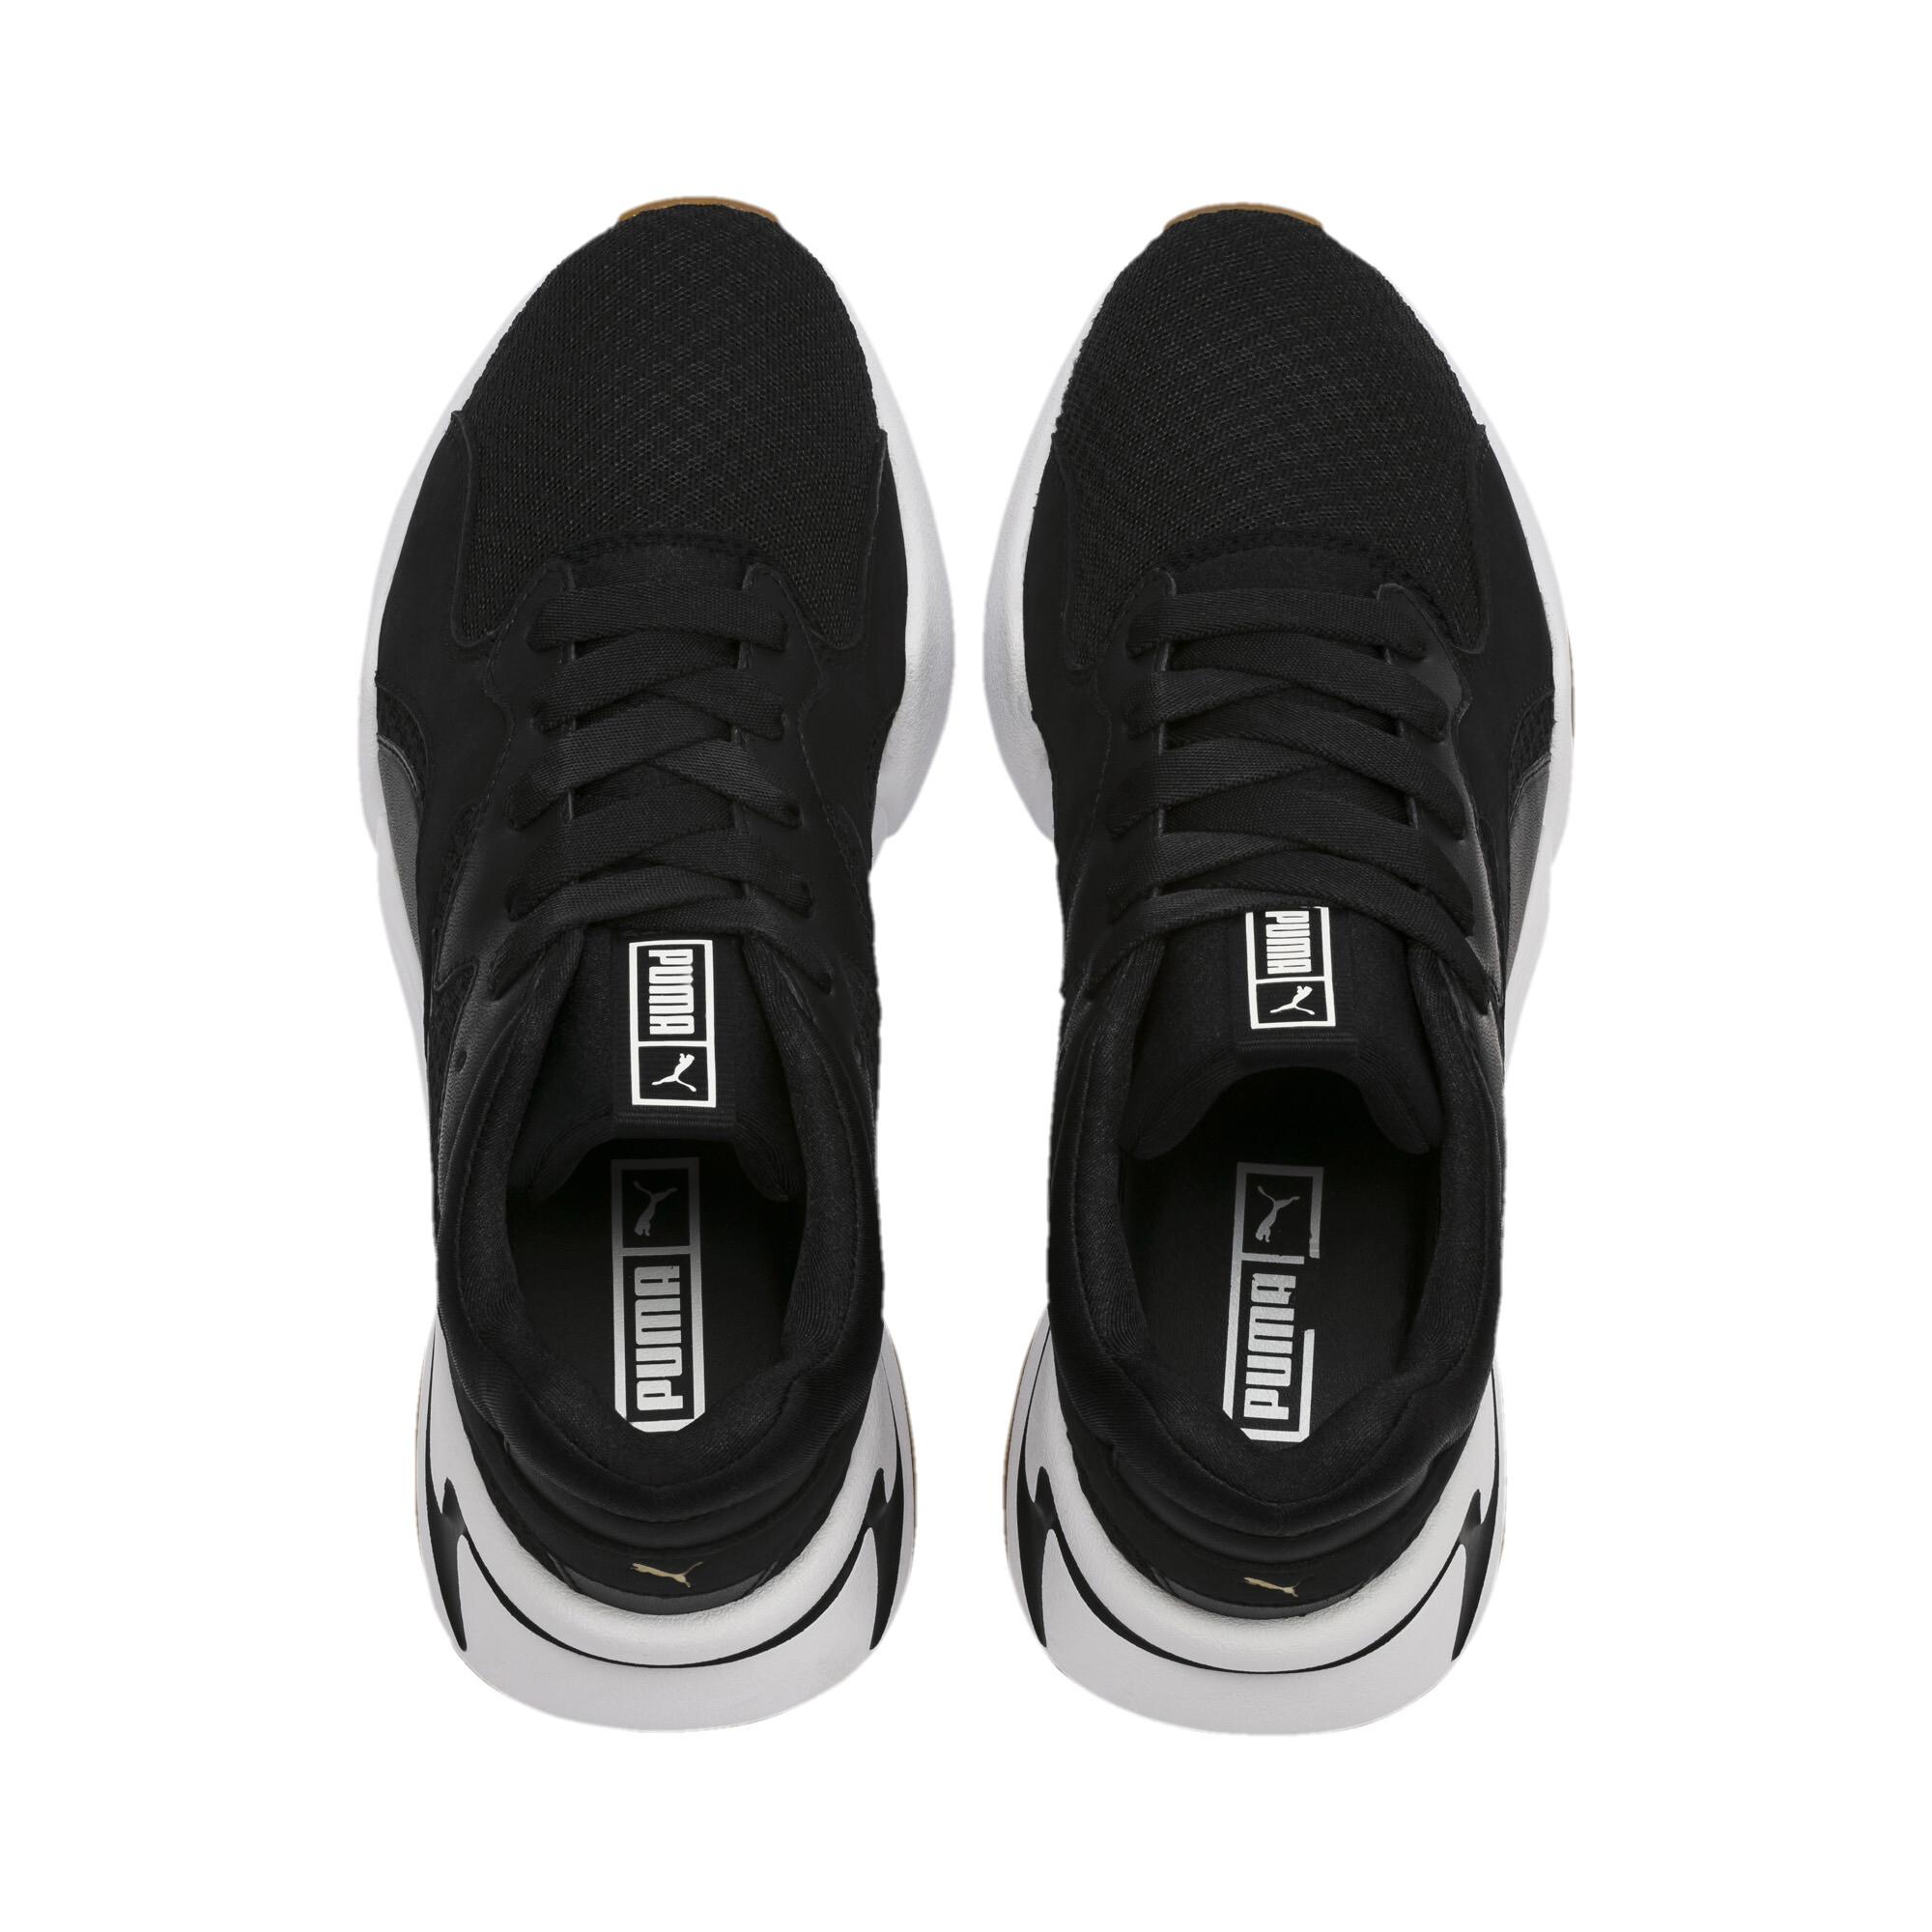 PUMA Nova '90s Bloc Damen Sneaker Frauen Schuhe Neu | eBay